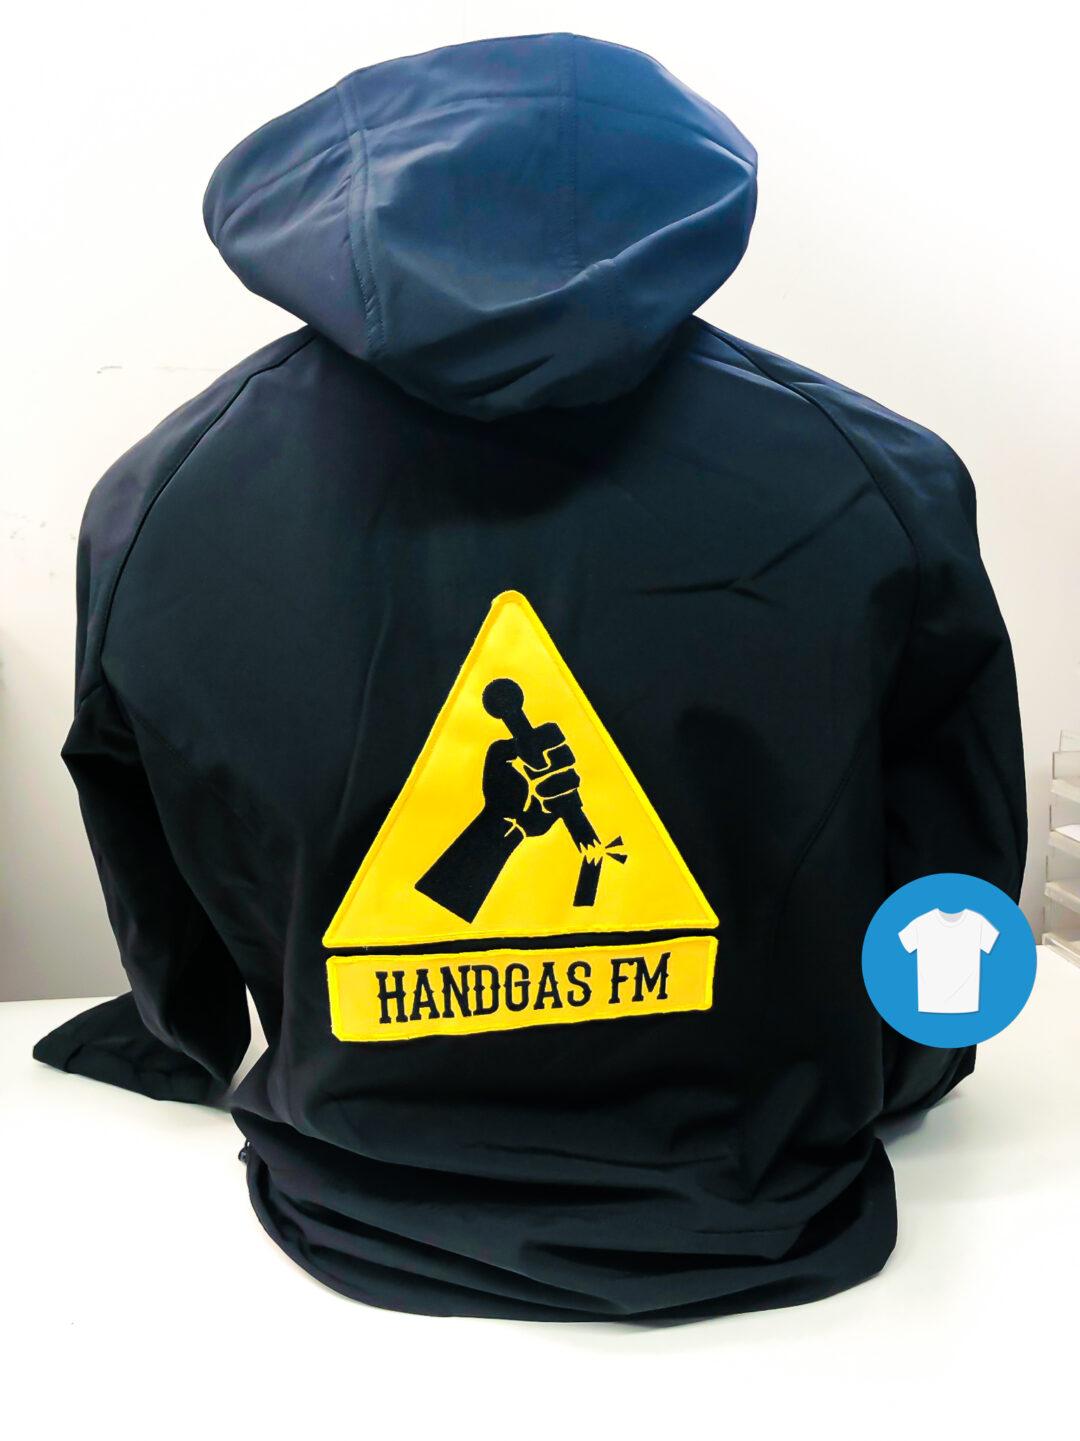 Signaal Bedrijfskleding // Handgas FM // Jassen voorzien van een geborduurd borst- en ruglogo